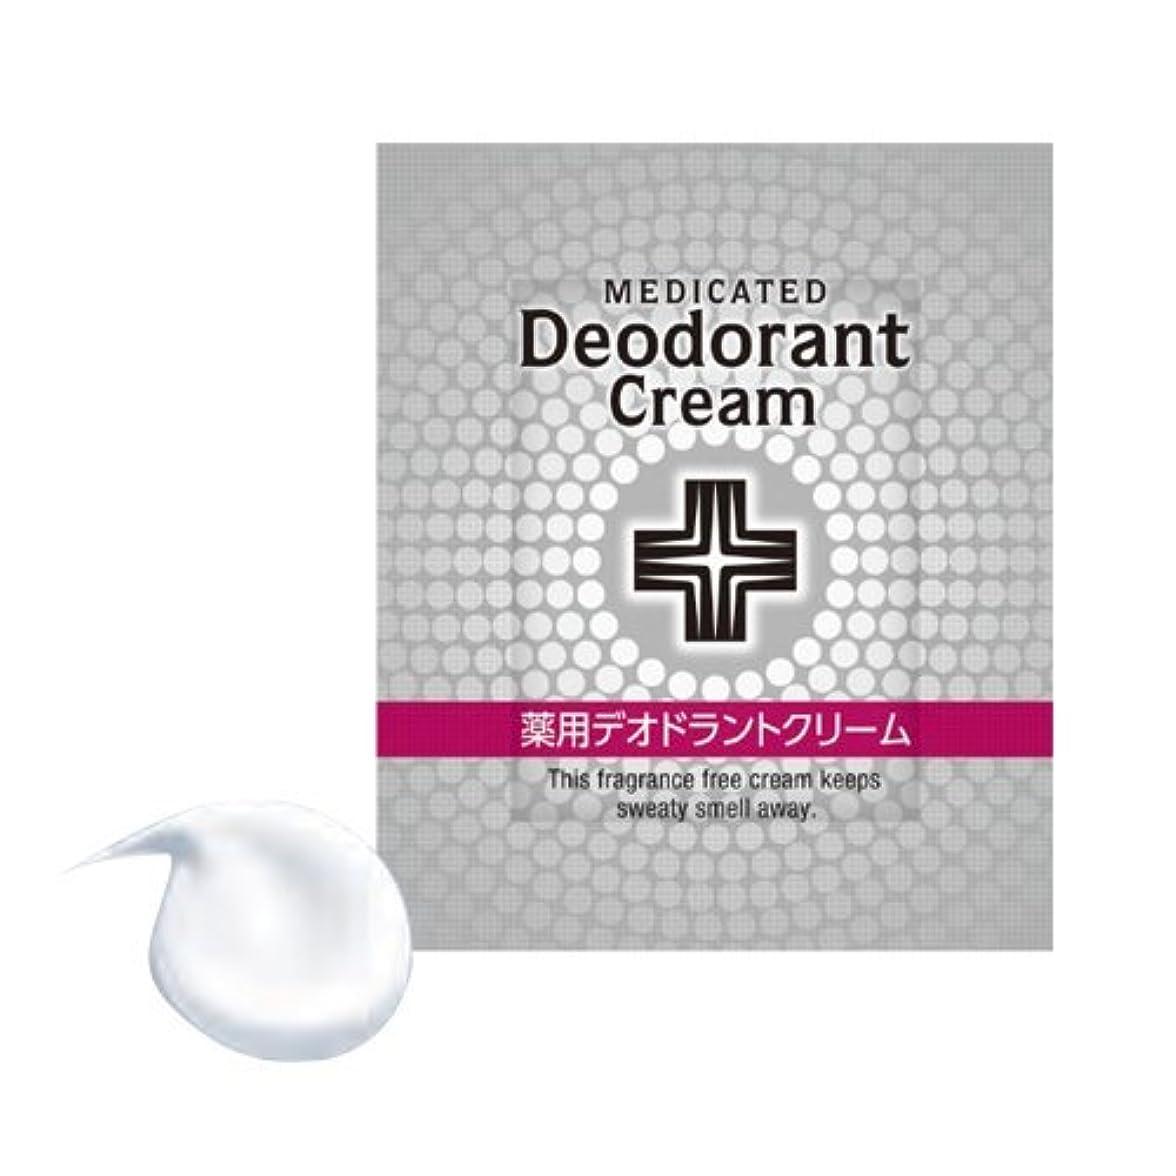 へこみファセットセンブランスウテナ商事 薬用デオドラントクリーム 1g 20個